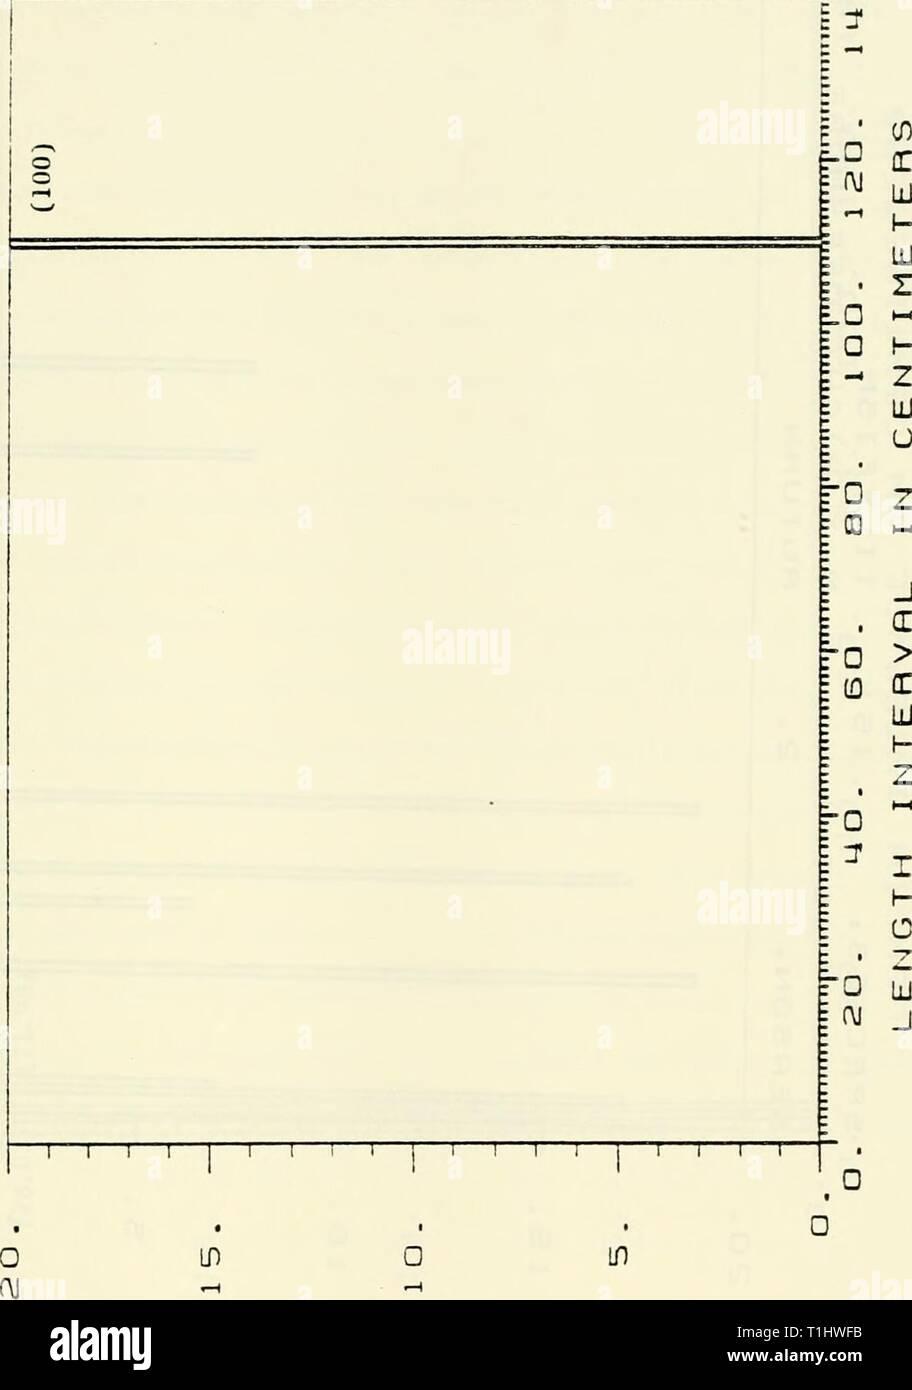 CANALE N 4 V 0.0072 ohm 97 a TRANSISTOR MOSFET 20 V 100 V